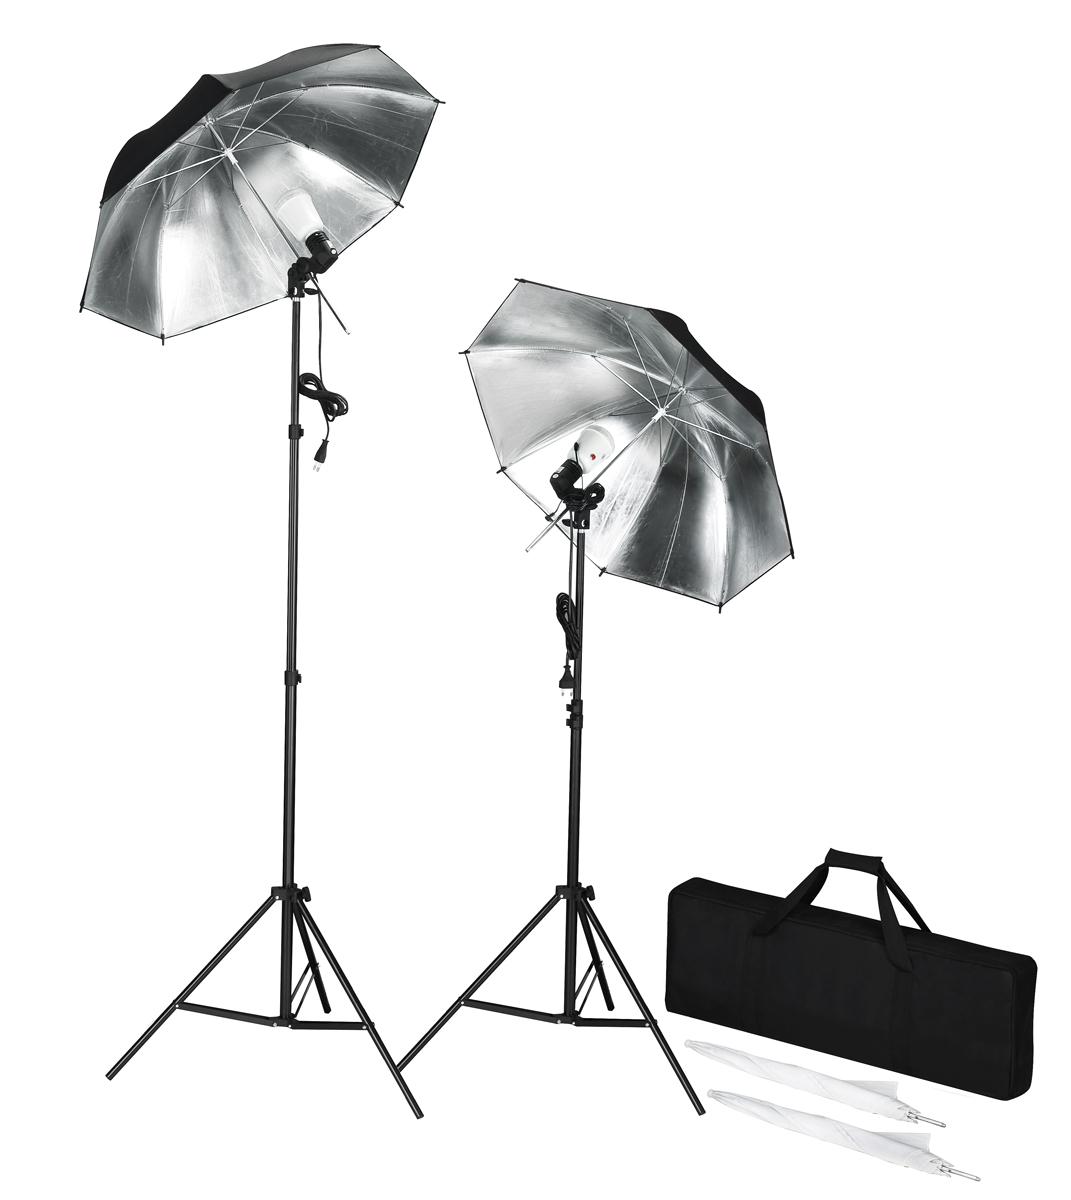 Profesionální studio - zábleskové světlo včetně stativů a deštníků